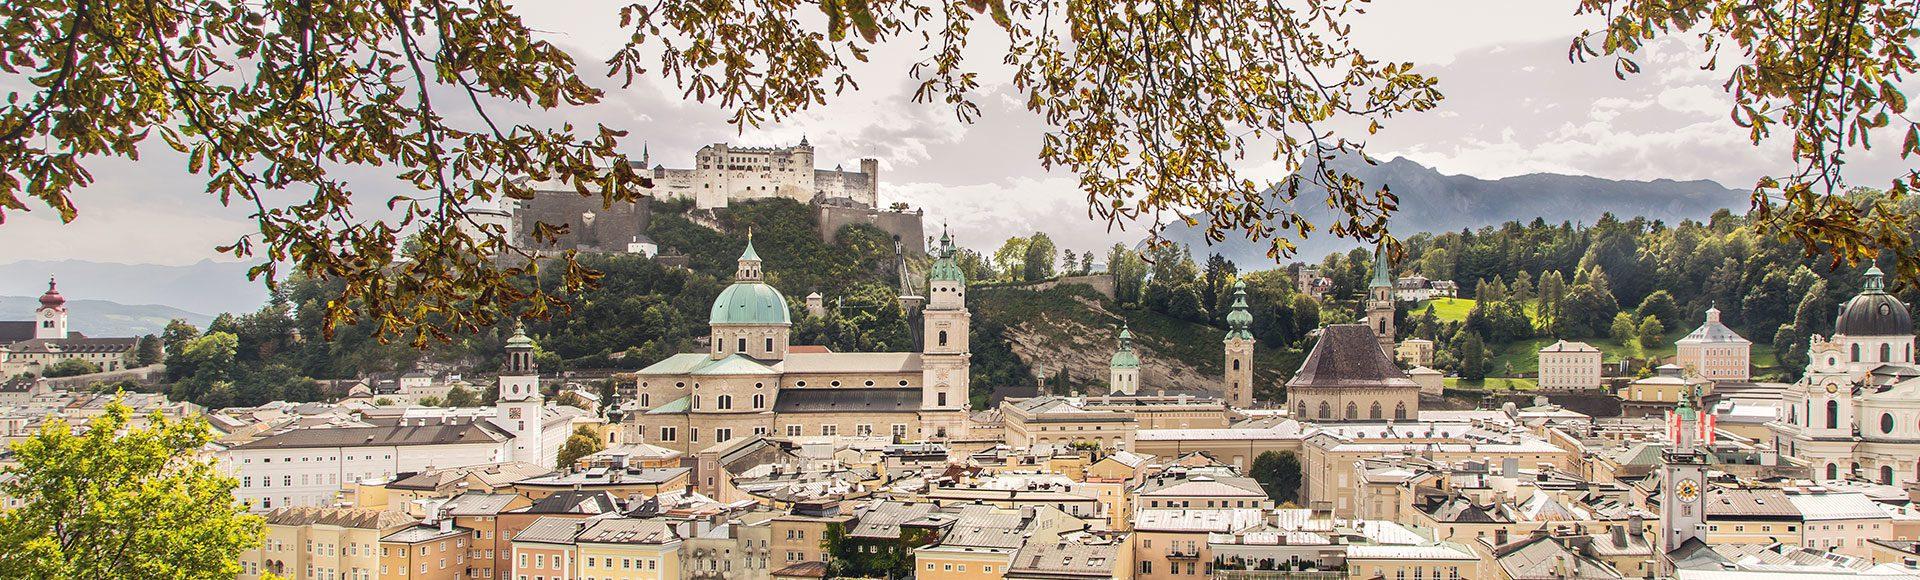 Stadt Salzburg Salzburgerland Tourismus Eva Trifft 4